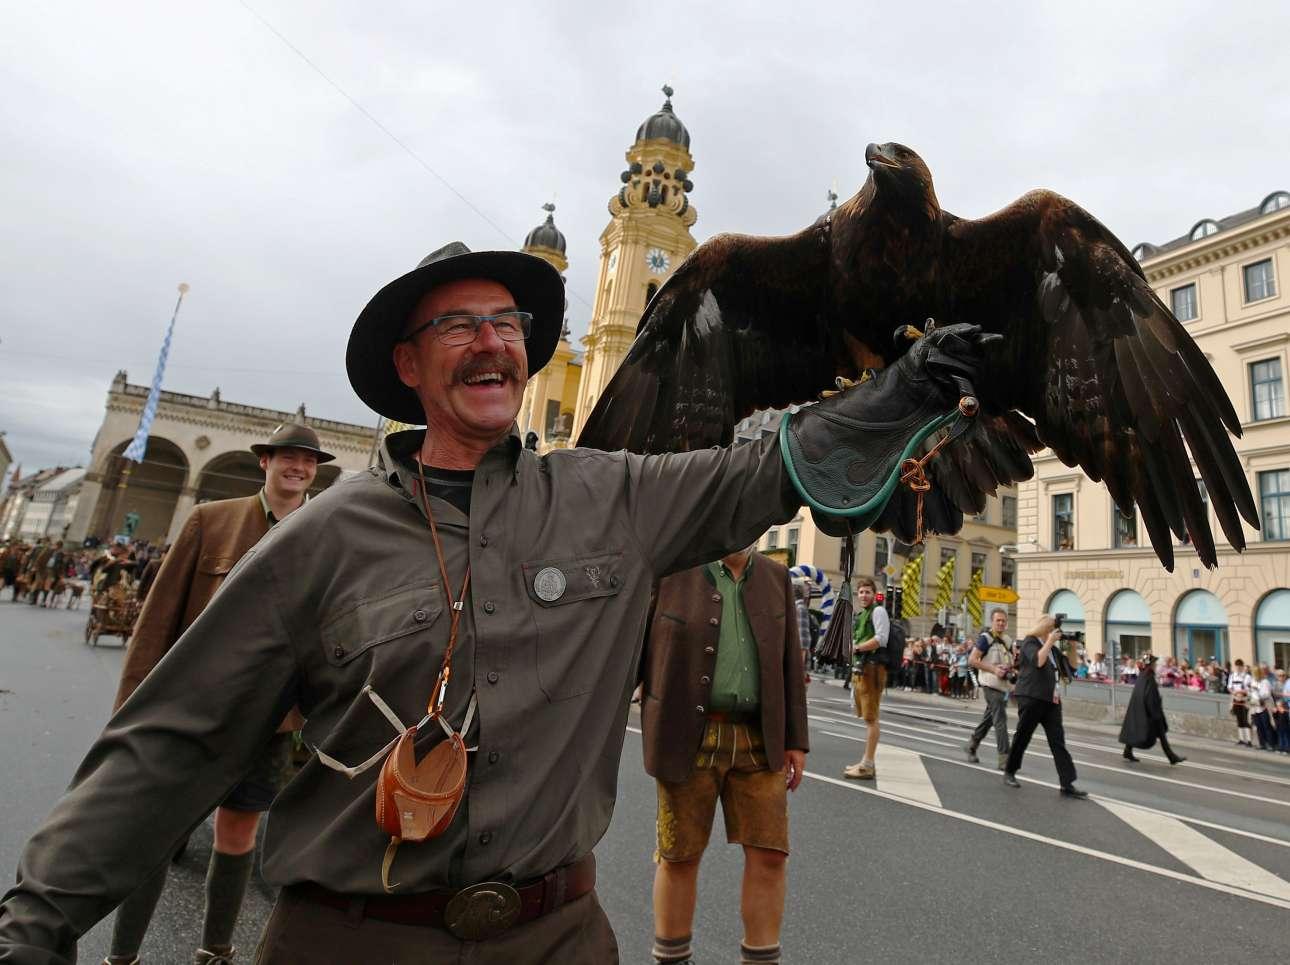 Κρατώντας έναν αετό στο χέρι, άνδρας συμμετέχει στην παρέλαση του Οκτόμπερφεστ στο Μόναχο